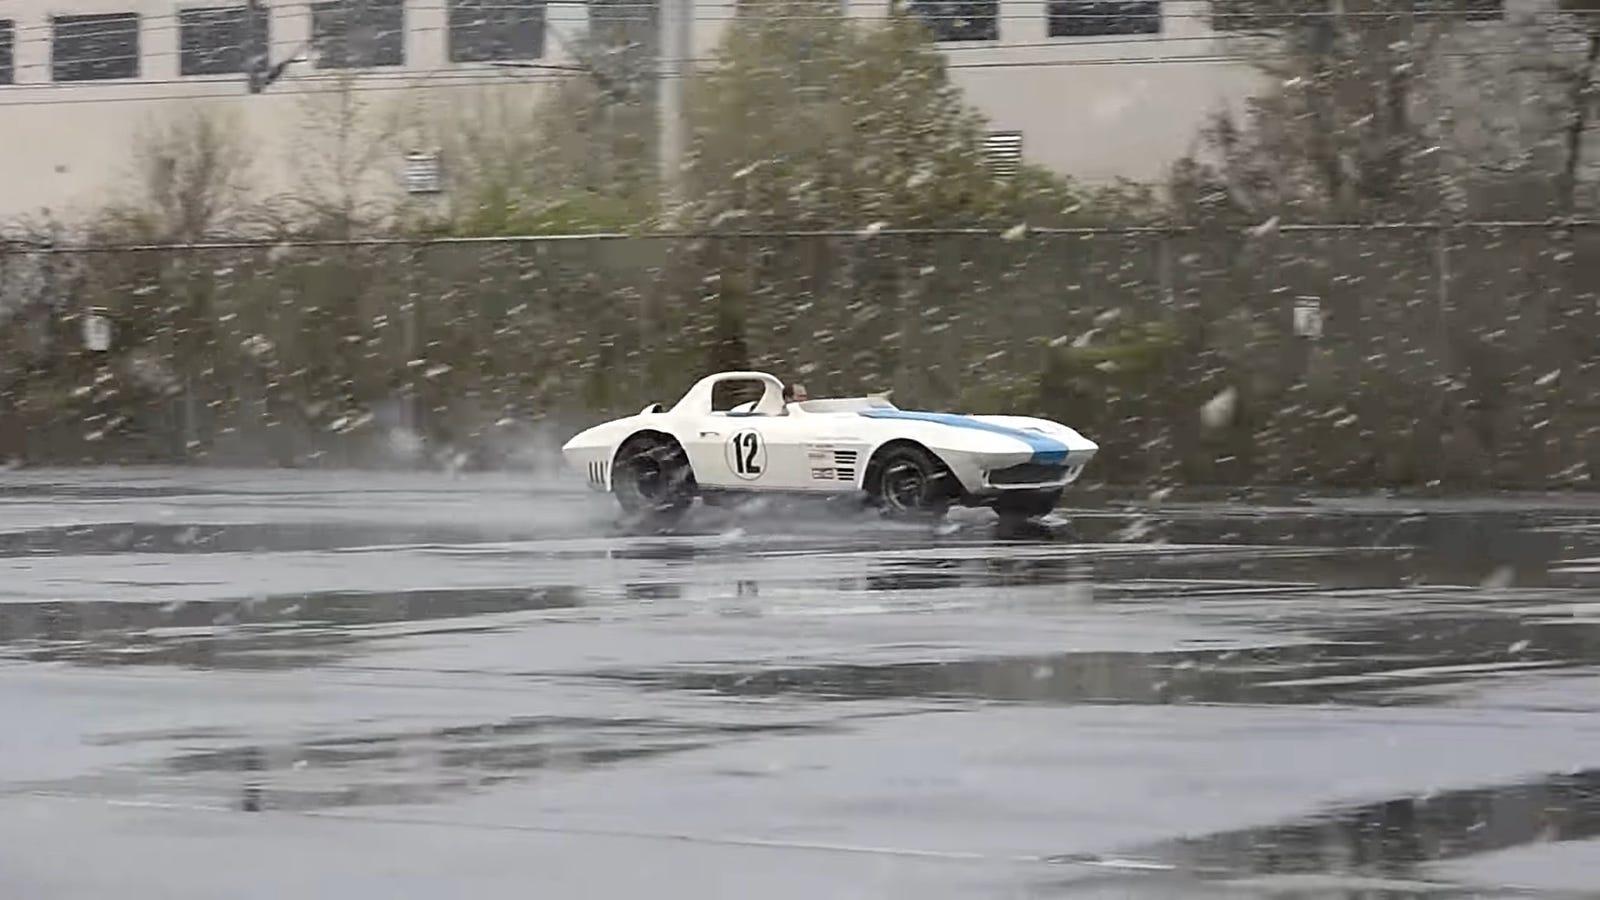 d611a23795c8a I Can t Think of a Single Reason Why You Shouldn t Drive a Corvette ...